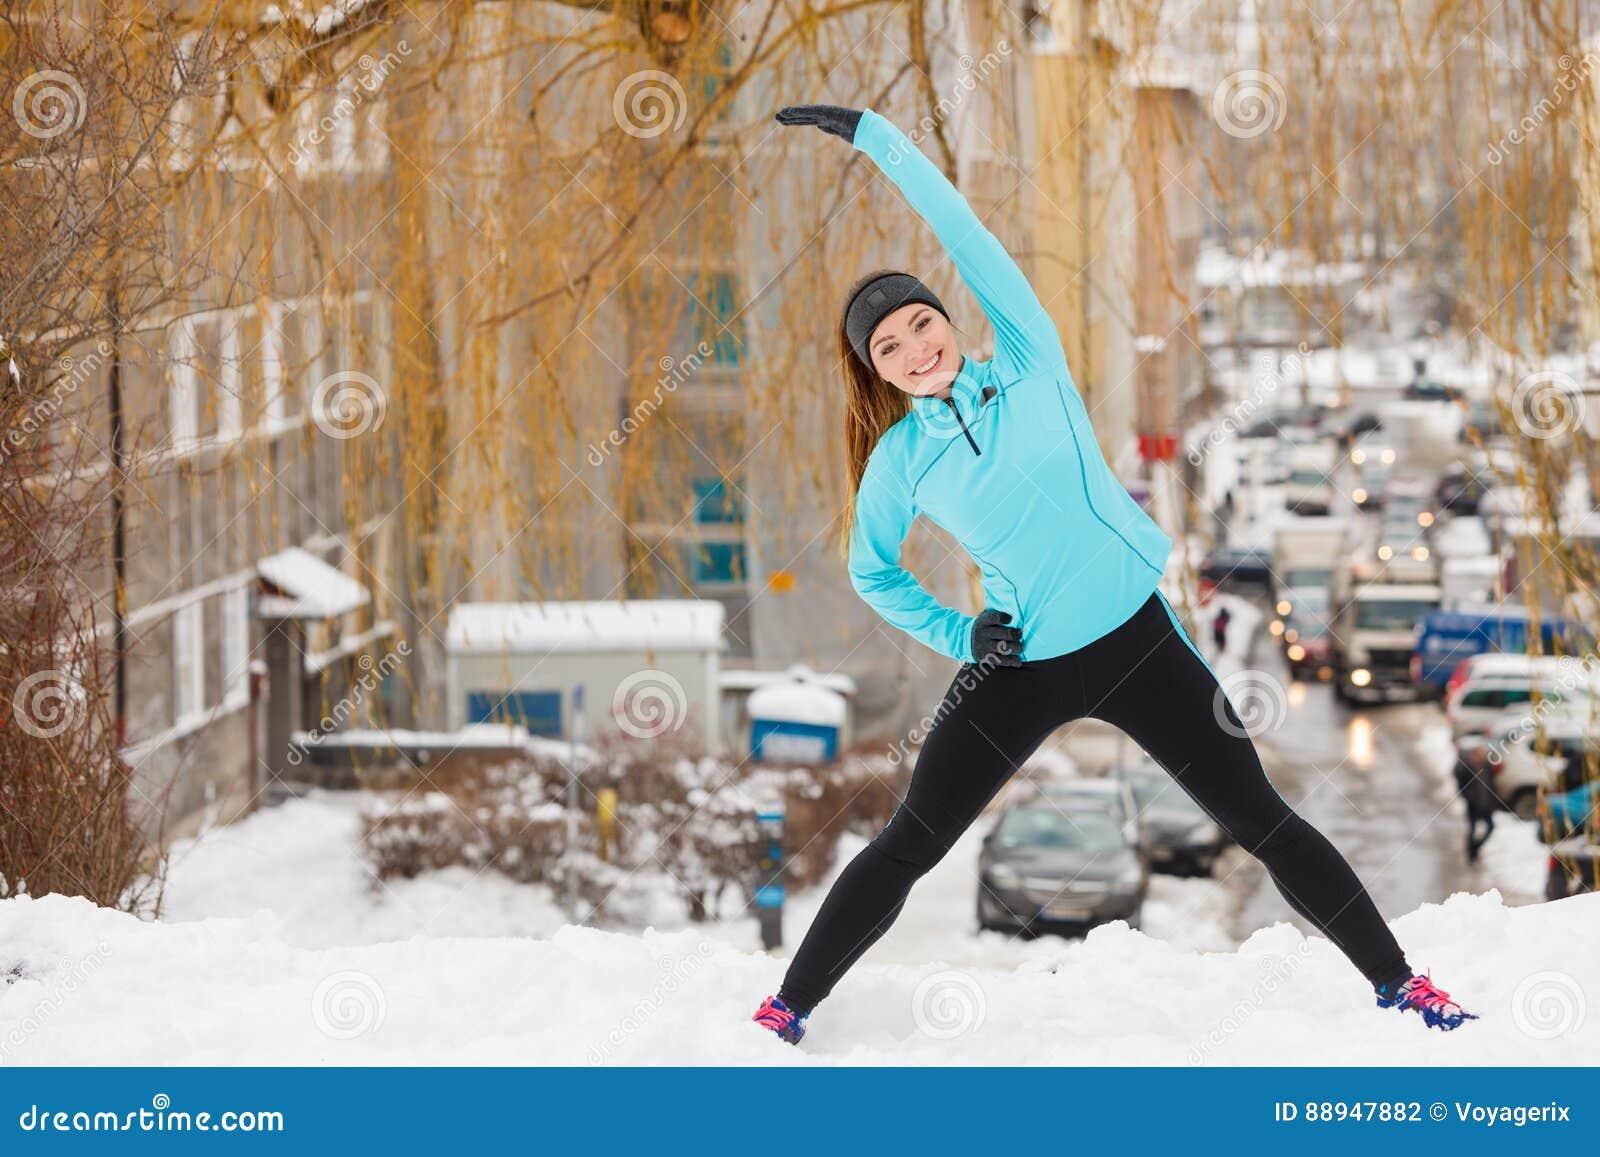 Séance D'entraînement D'hiver Vêtements De Sport De Port De